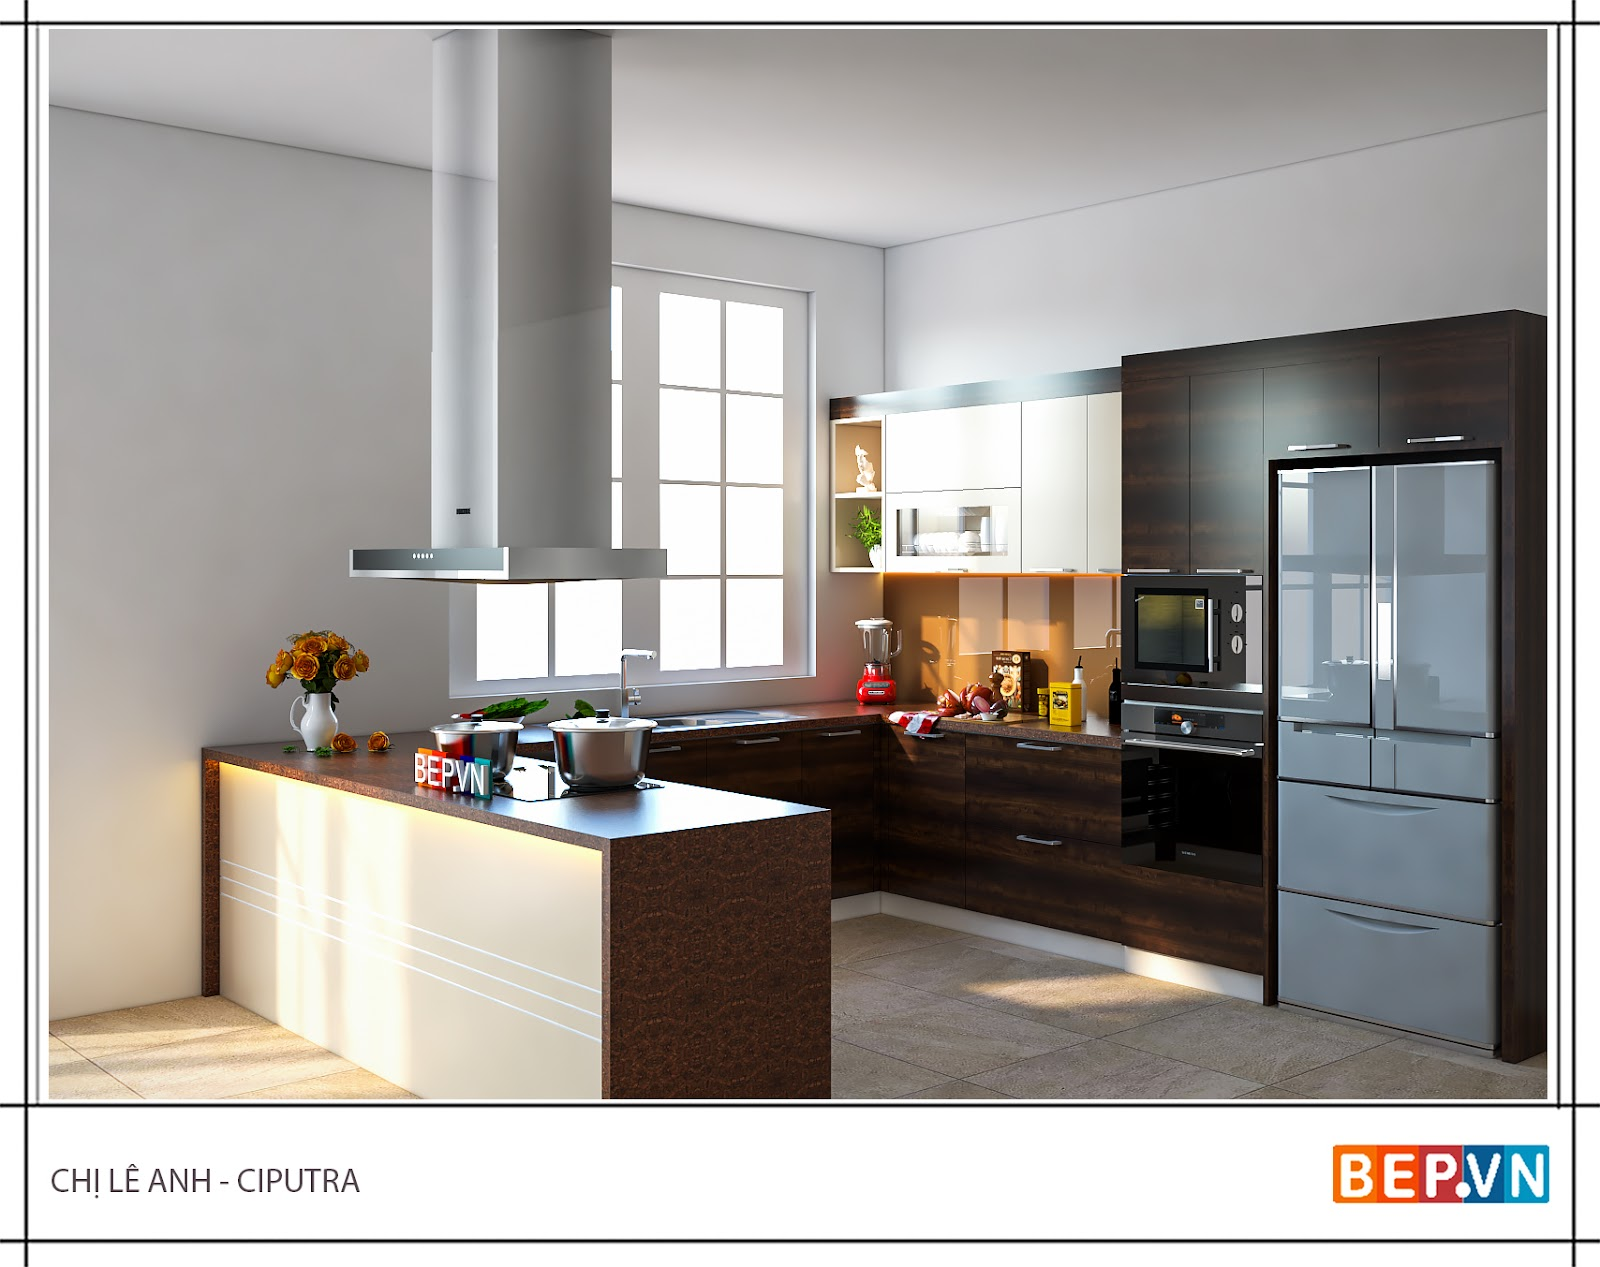 Thiết kế tủ kho kết hợp lò nướng và lò vi sóng trong căn bếp gia đình chị Lê Anh